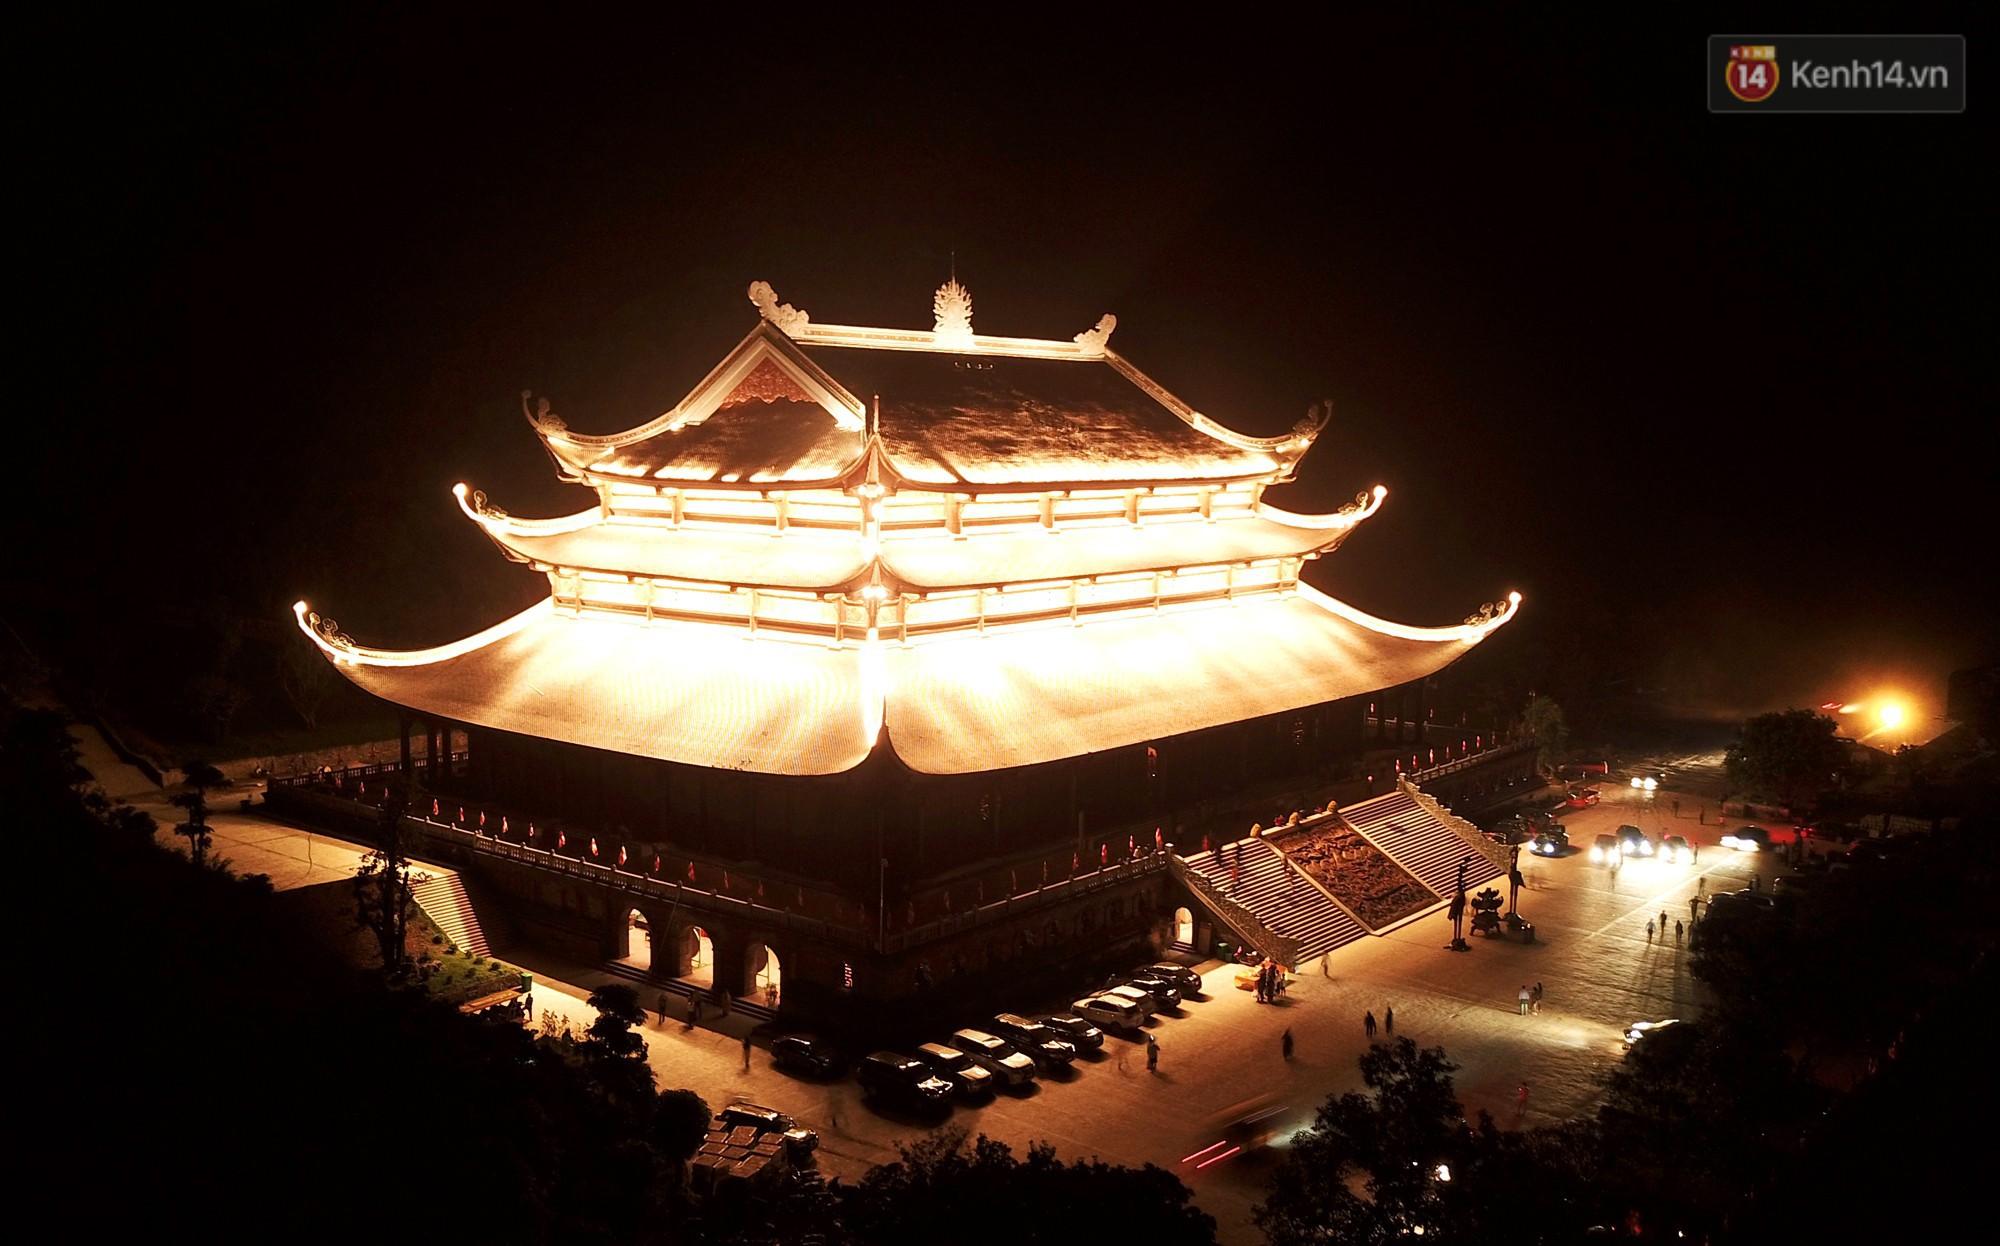 Nên đến chùa Tam Chúc vào khoảng thời gian nào?